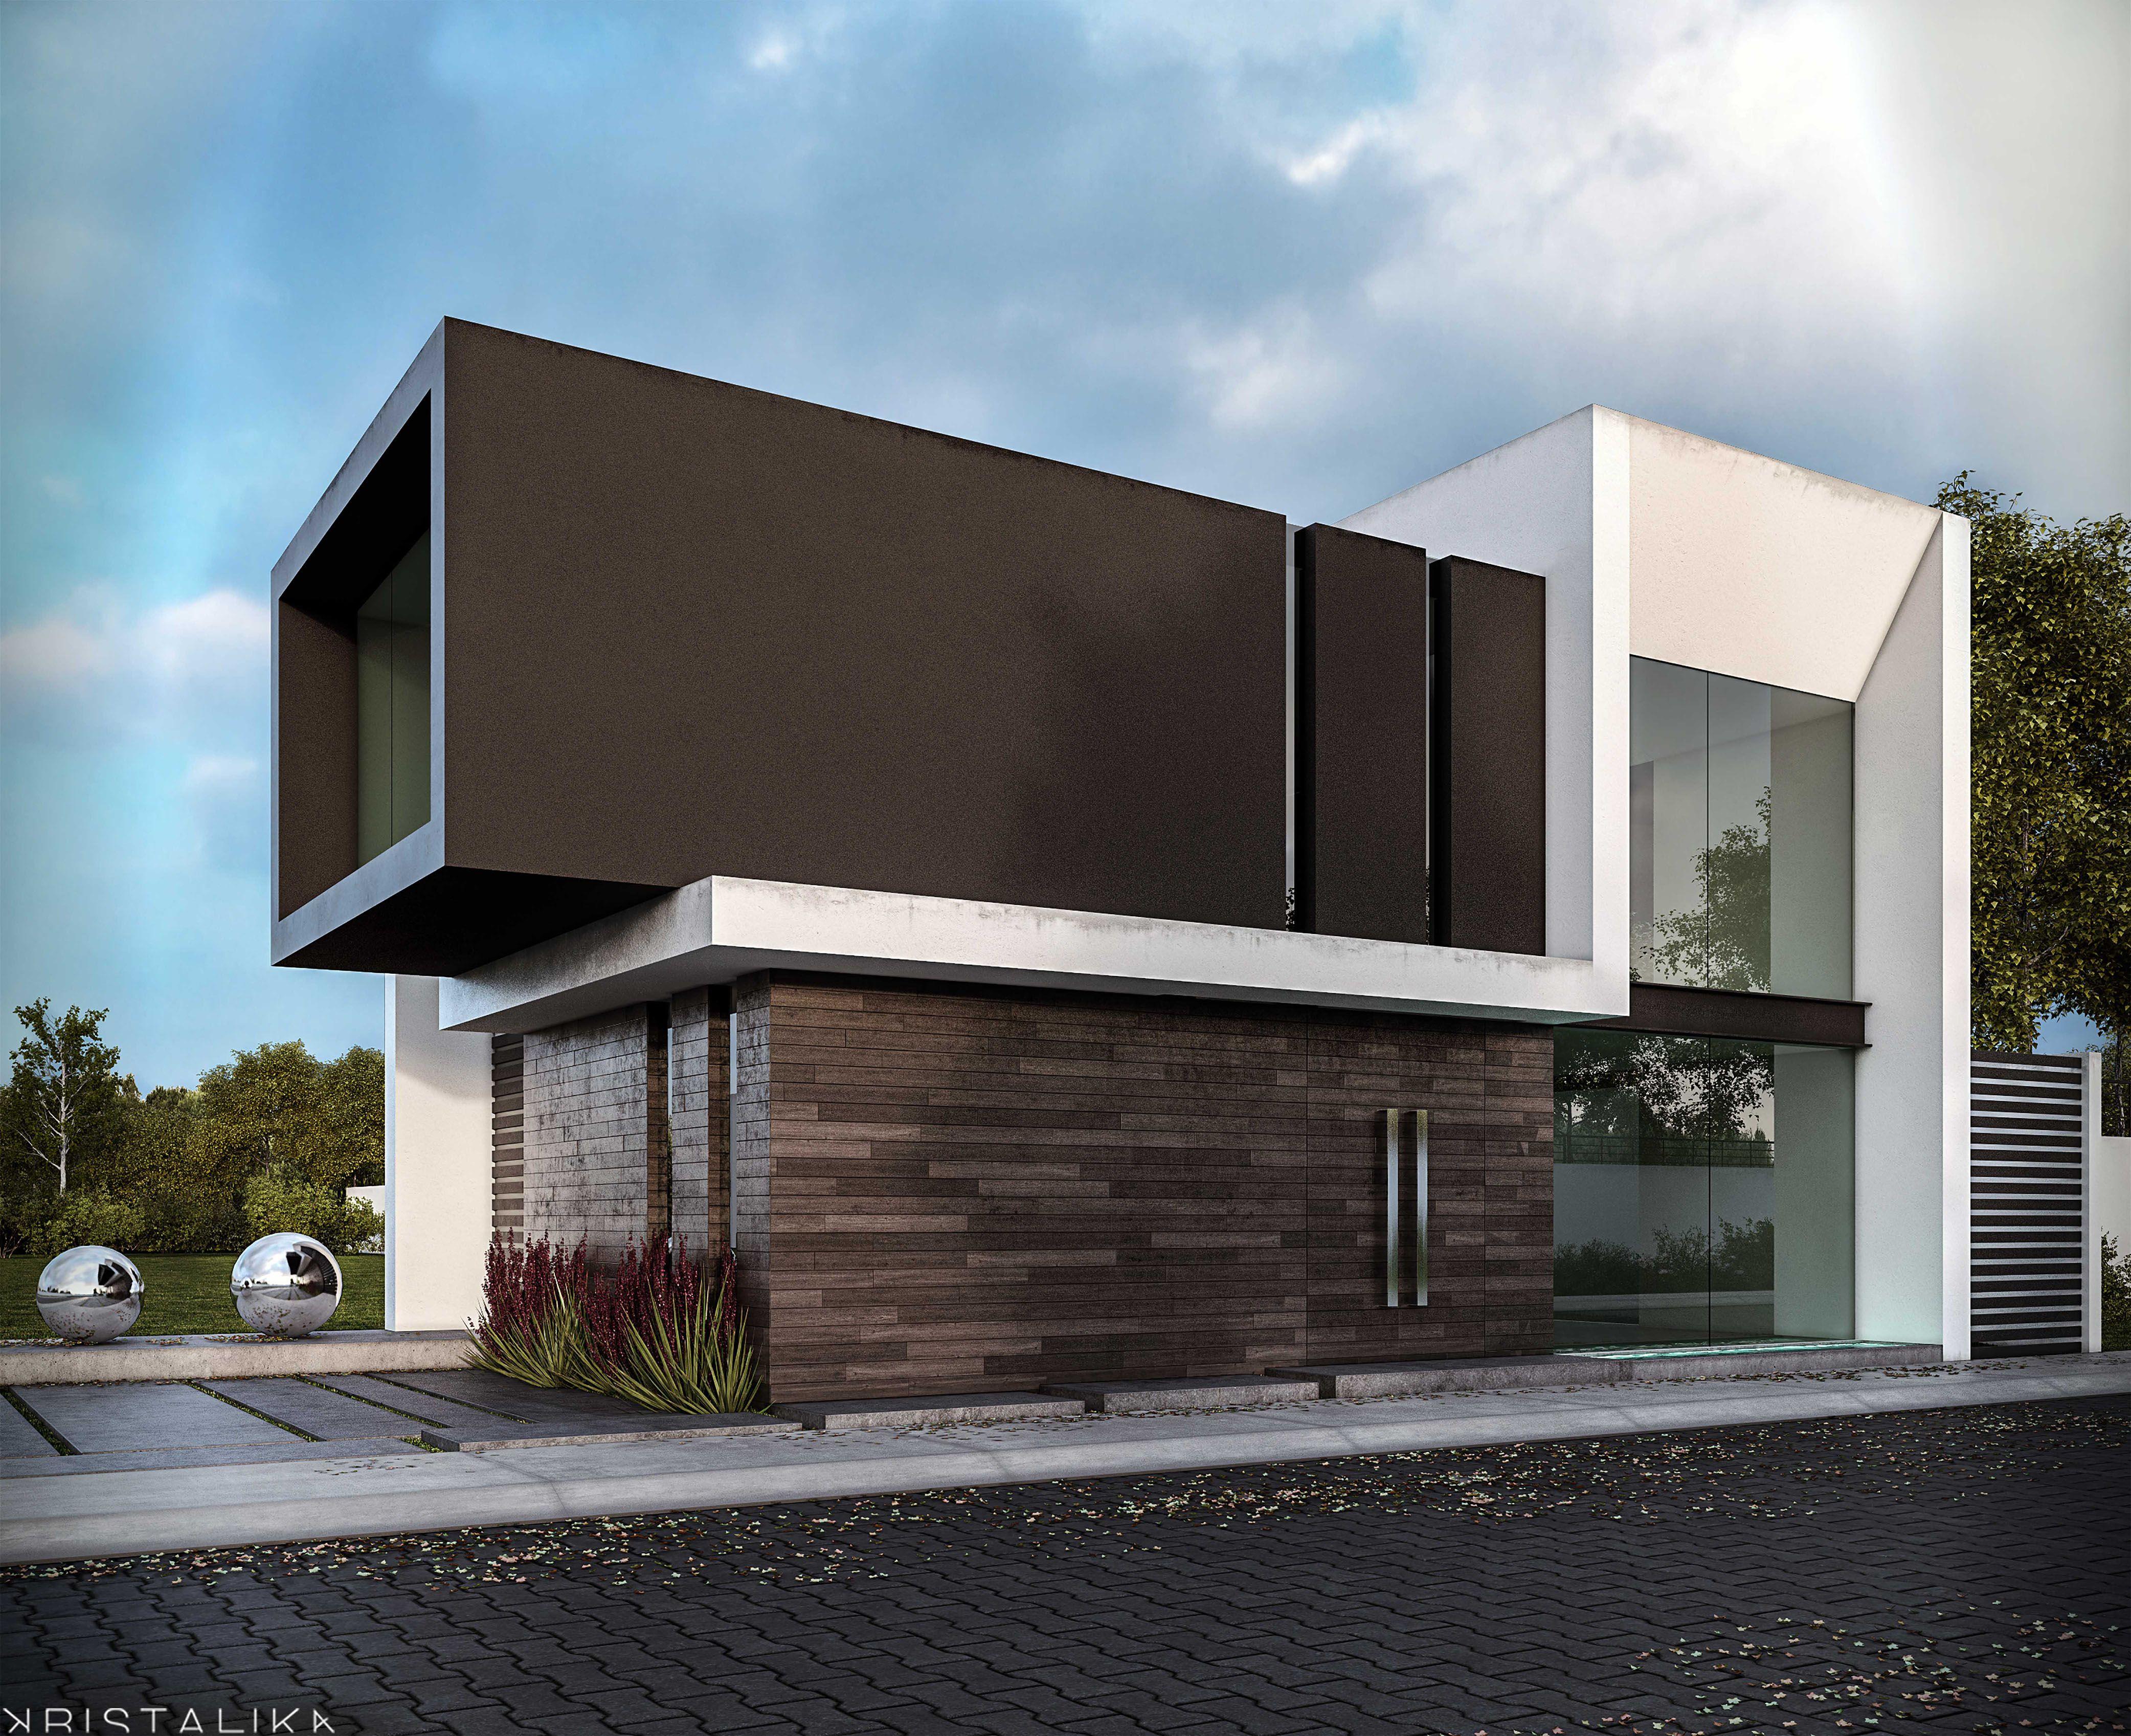 Rsi 1 house house pinterest fachadas fachadas for Arquitectura de casas minimalistas